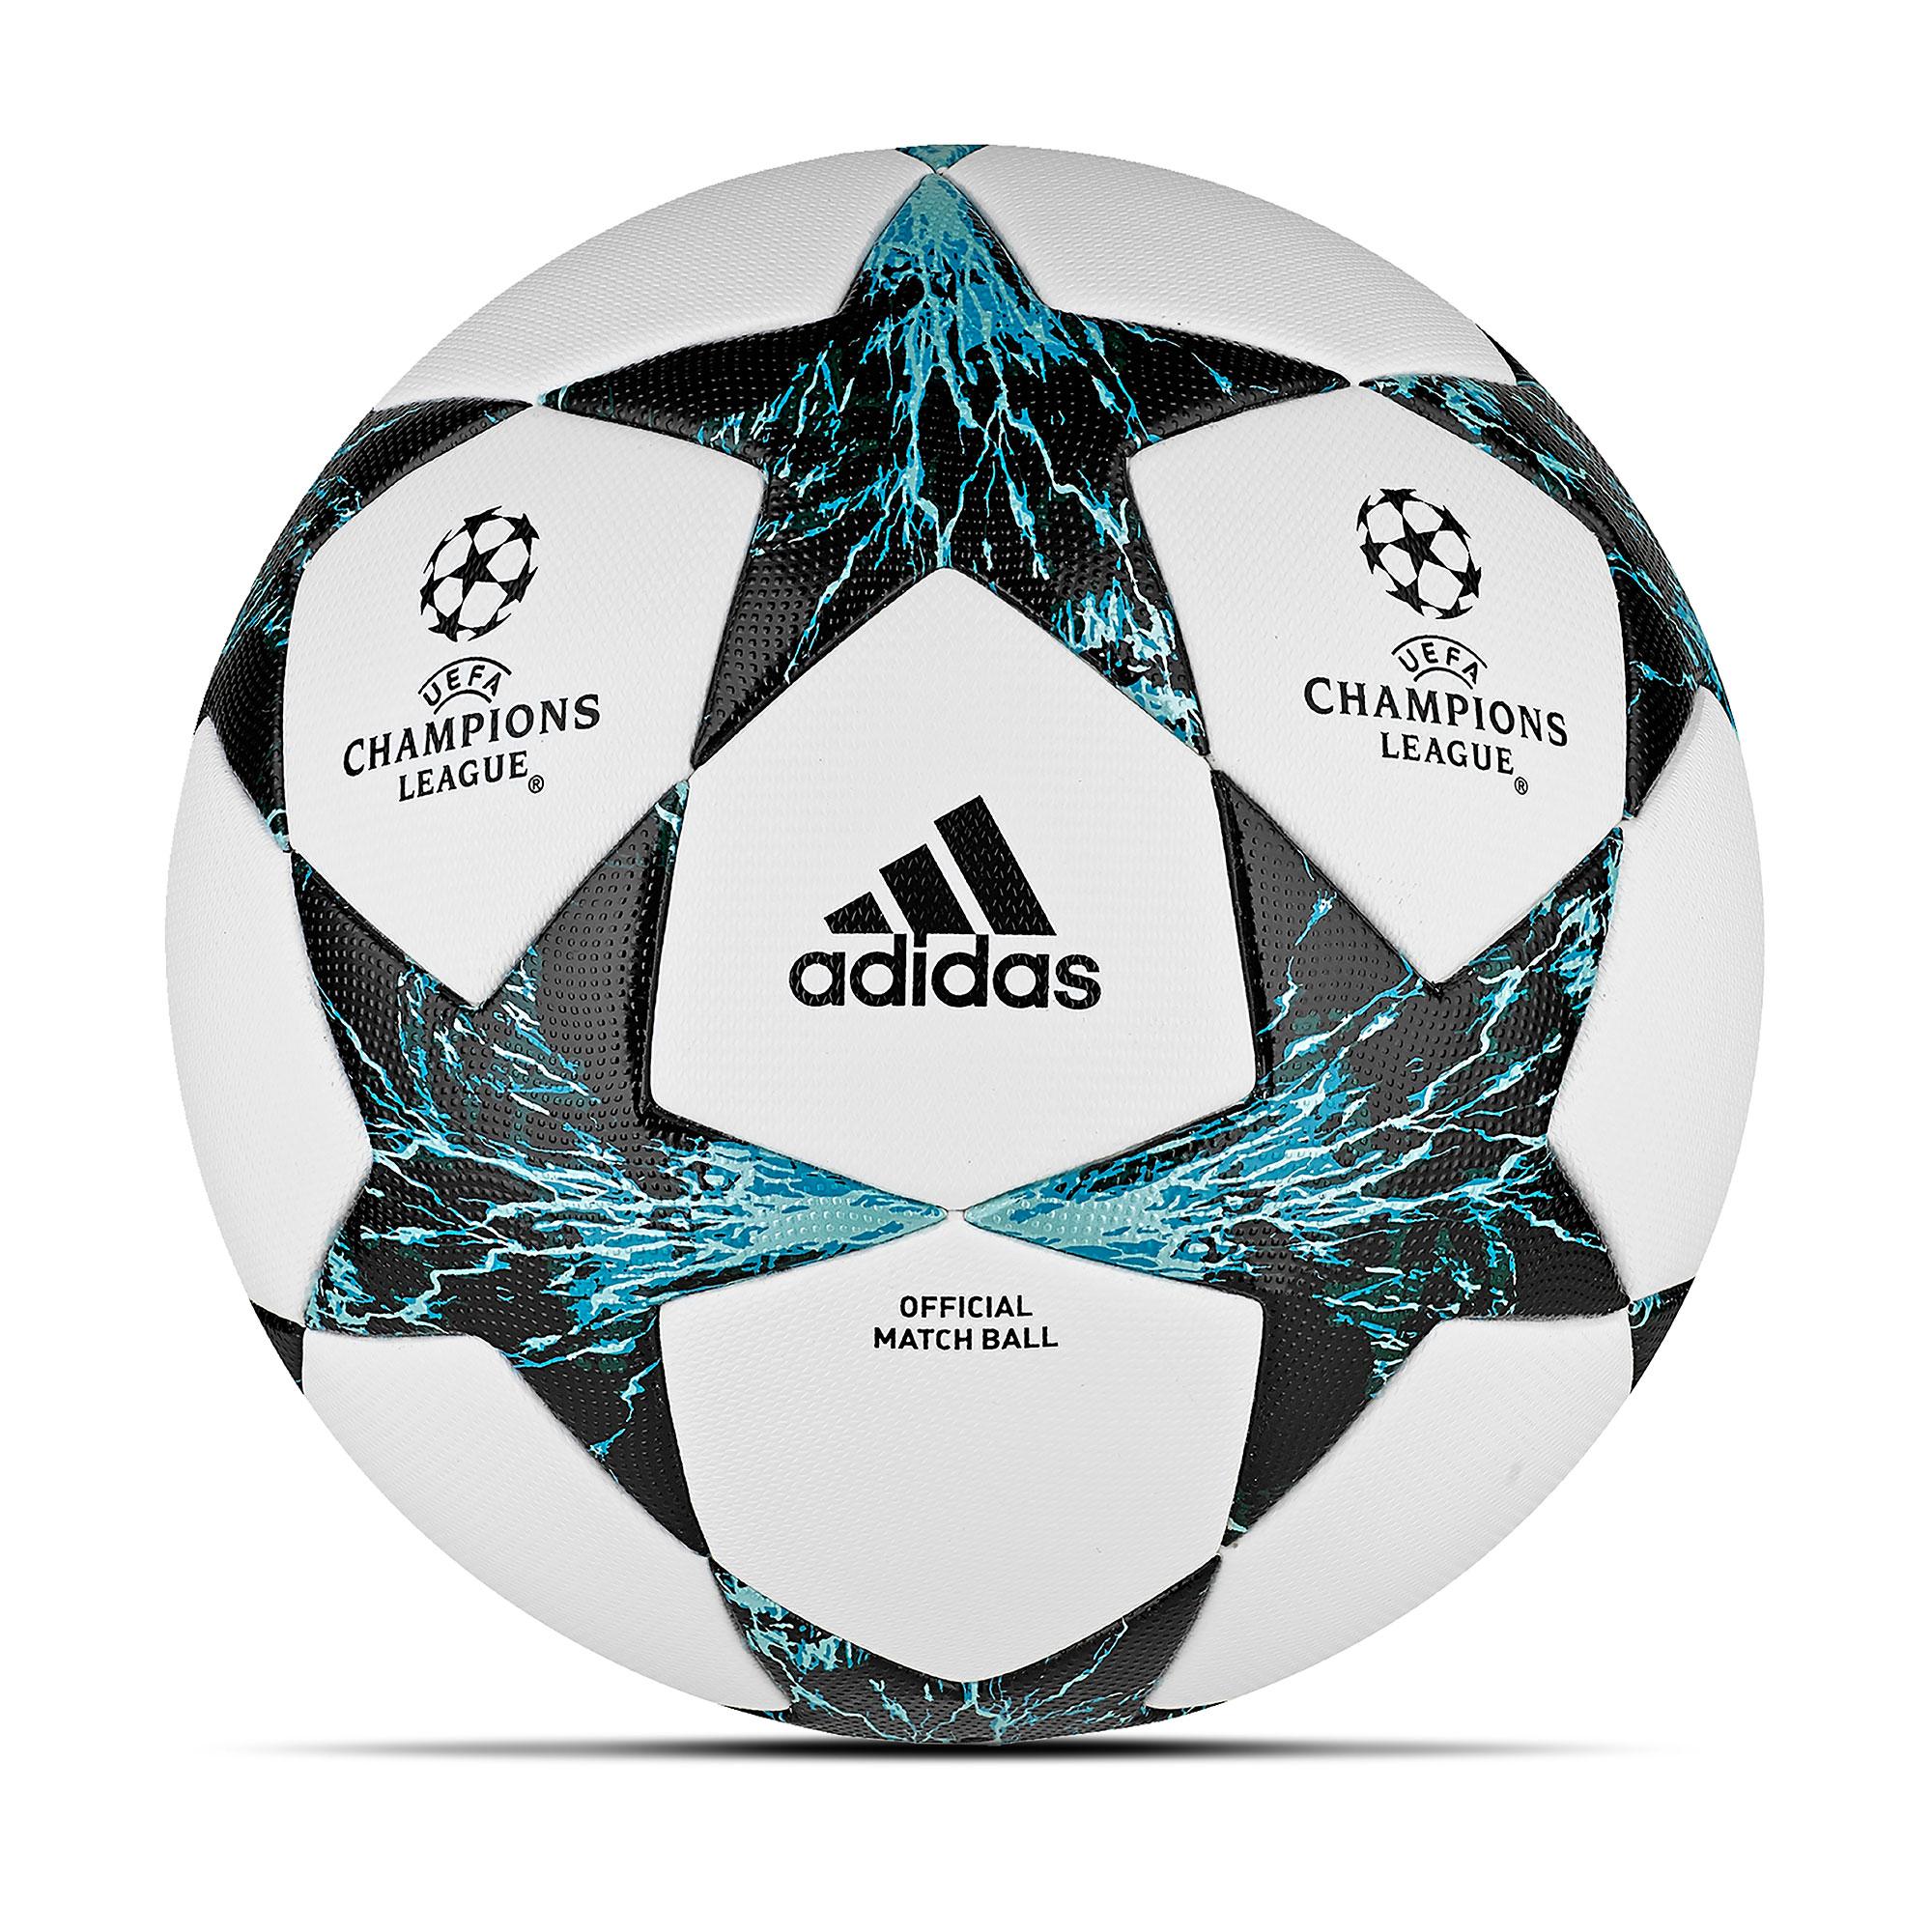 Ballon de football officiel Adidas UEFA Champions League Finale17 - Blanc/Noir profond/Vert foncé - Taille5